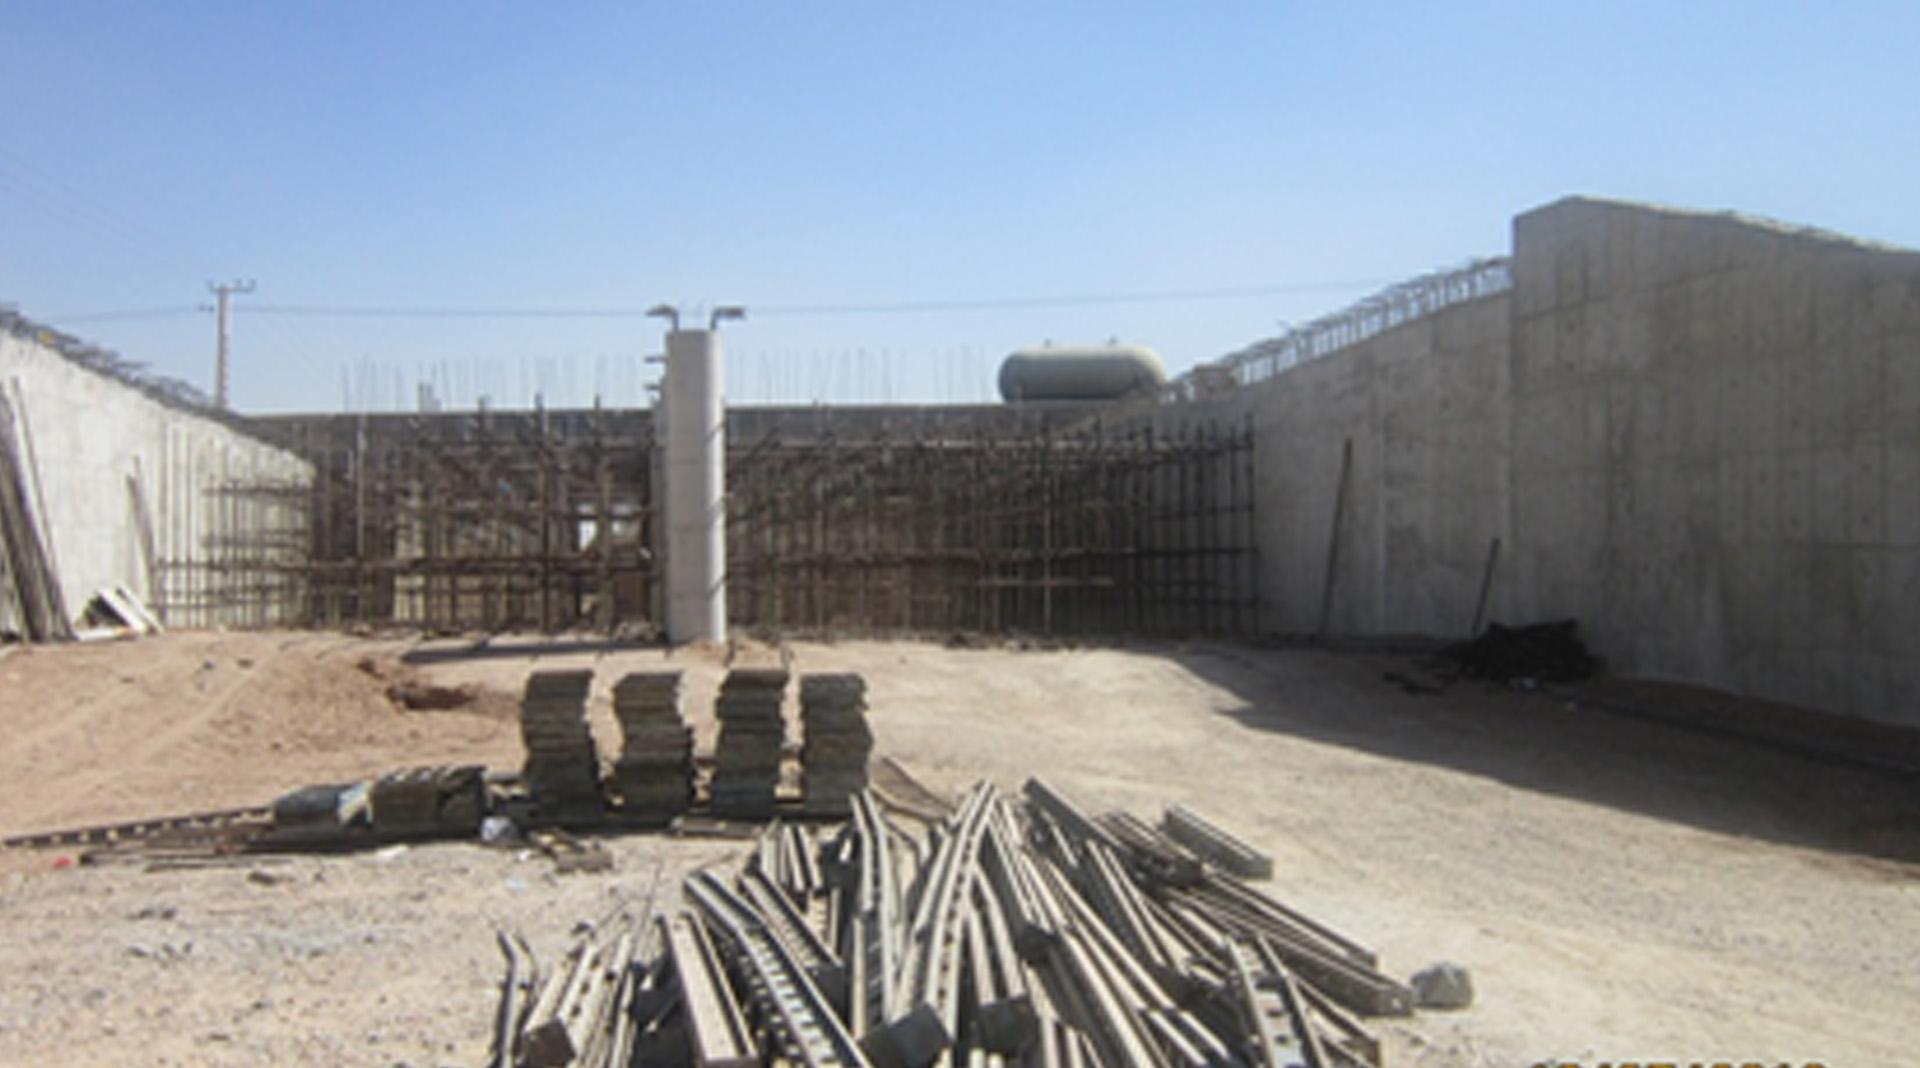 توقف چندین ماهه ادامه ساخت زیر گذر دانشگاه آزاد نجف آباد